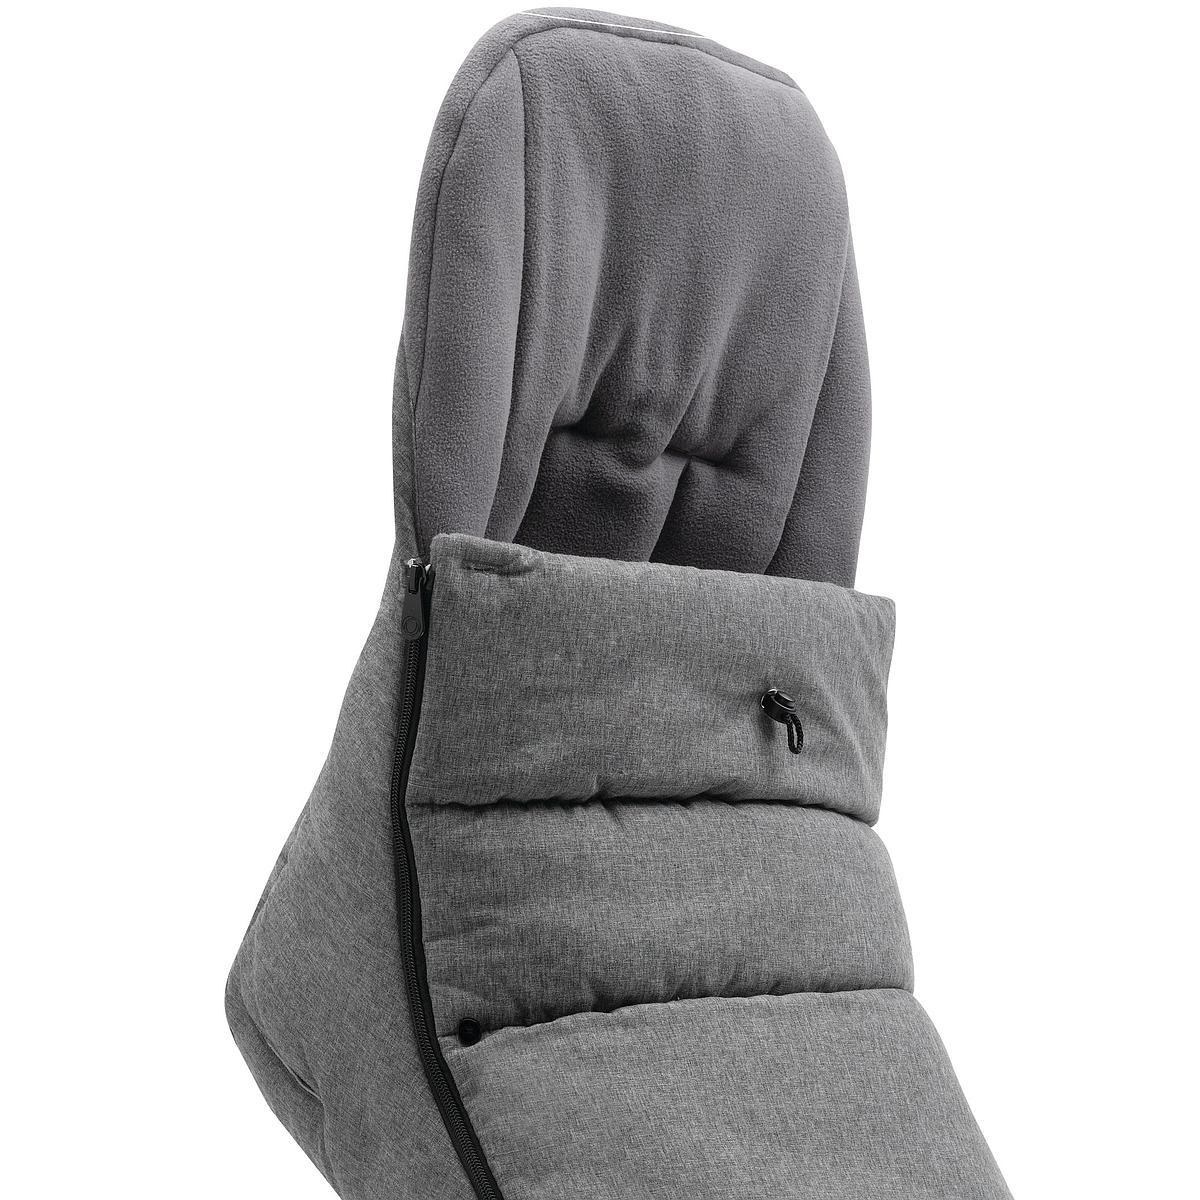 Saco silla bebé BUGABOO gris melange